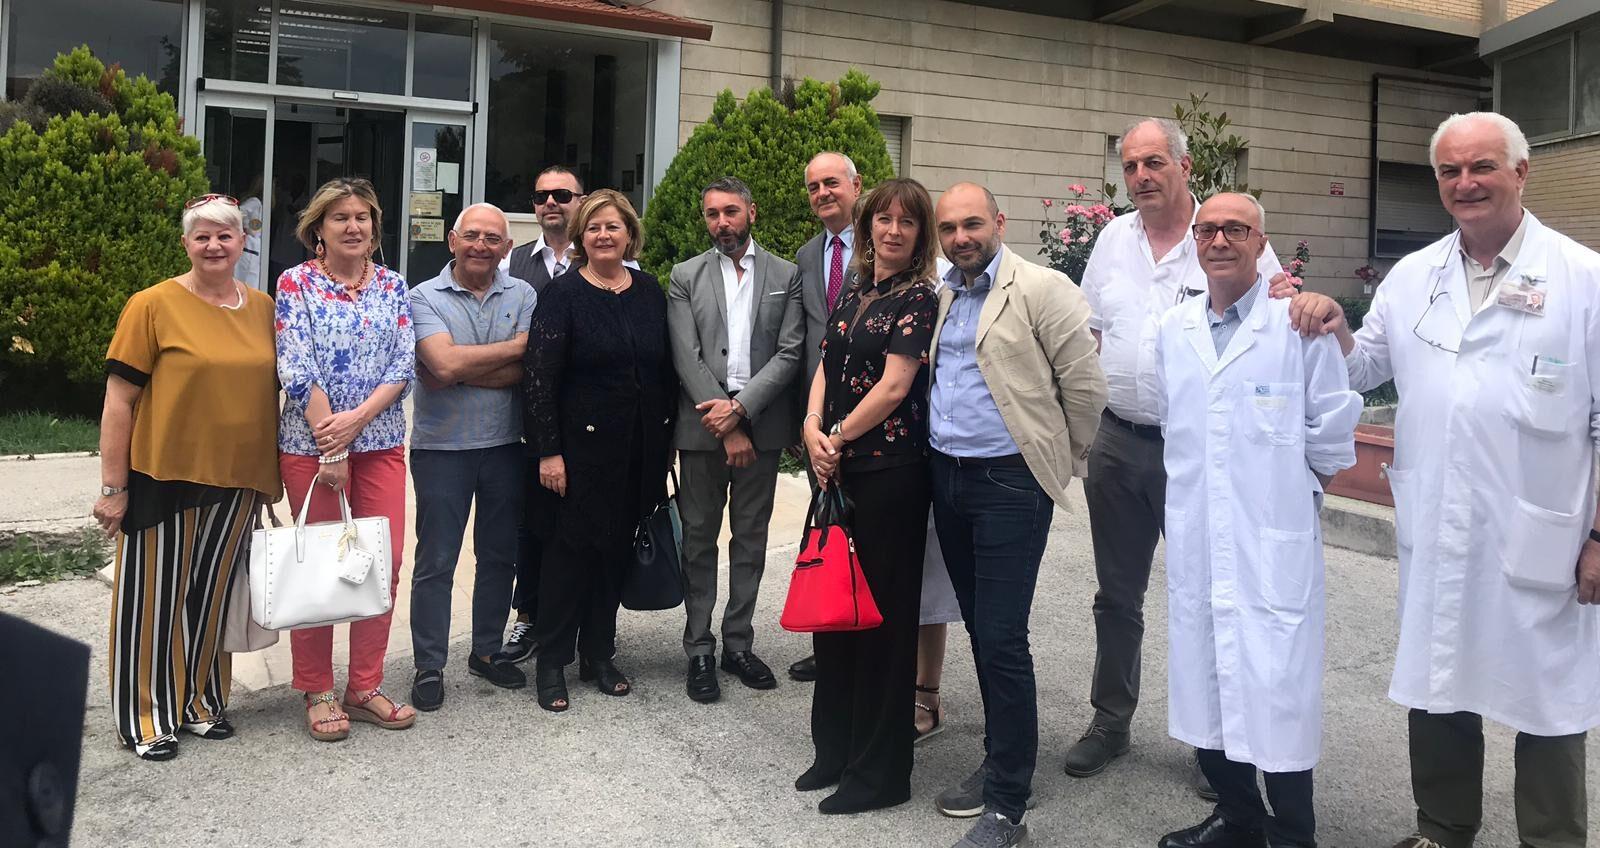 Complimenti dei pazienti ricoverati all'assessore alla sanità Nicoletta Verì in visita all'ospedale di Tagliacozzo